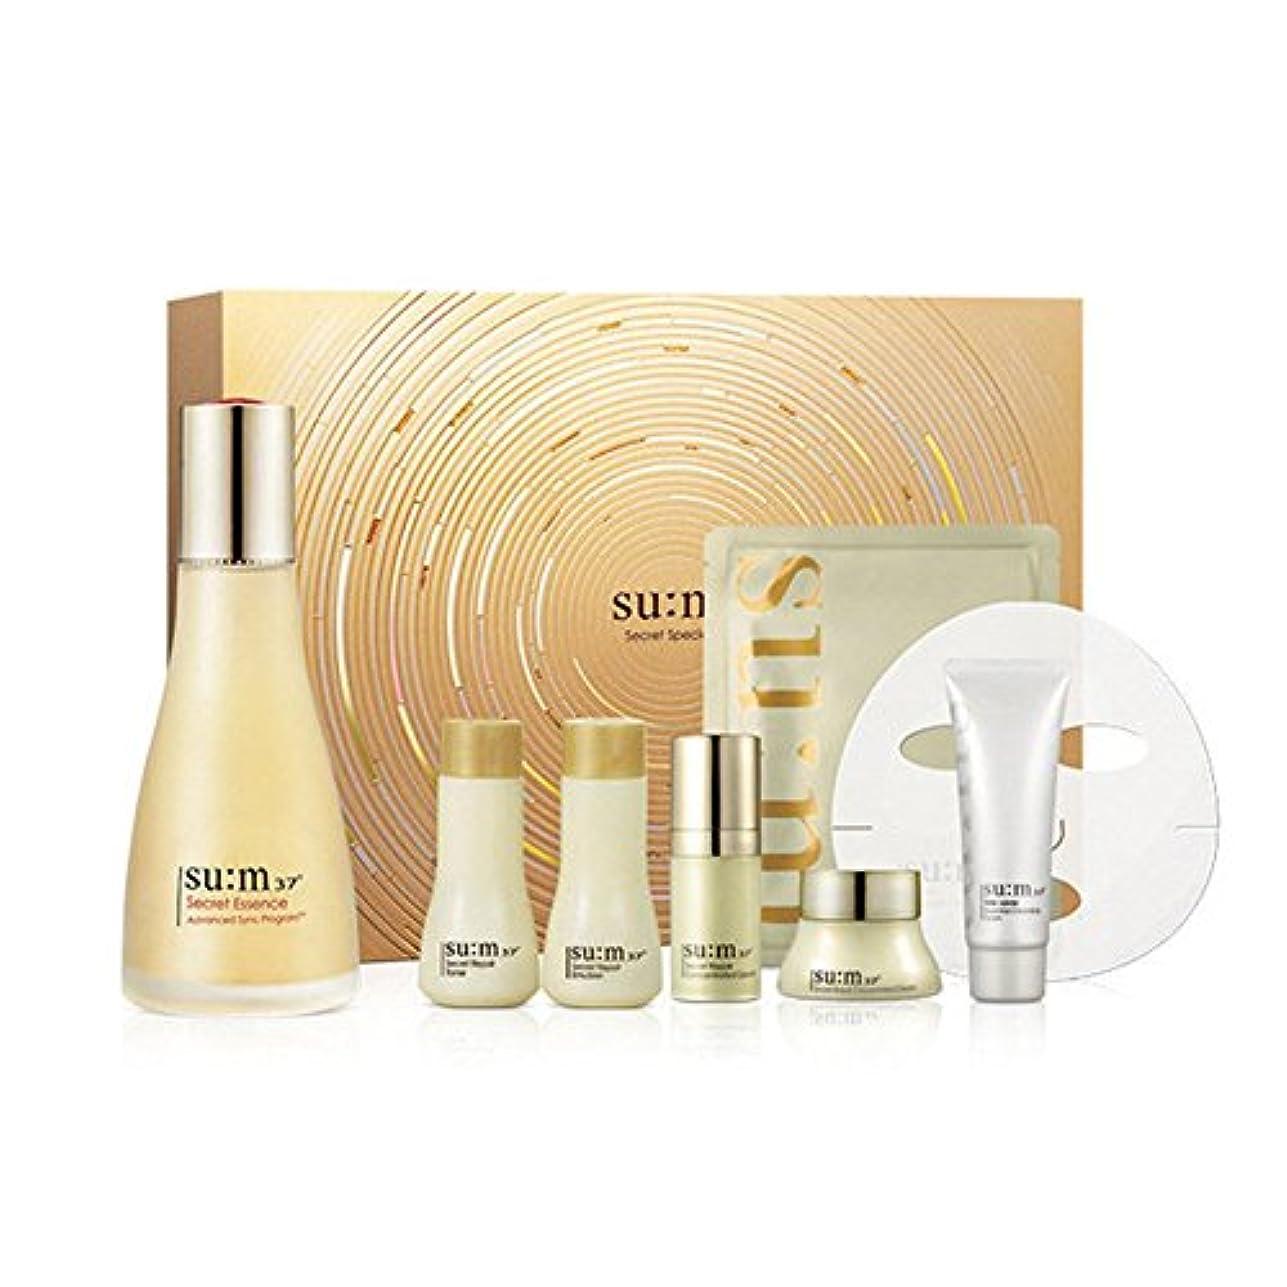 印をつける言い訳励起[su:m37/スム37°] SUM37 Secret Essence SPECIAL 150ml Limited Edition/シークレットエッセンススペシャルリミテッドエディション+[Sample Gift](海外直送品)